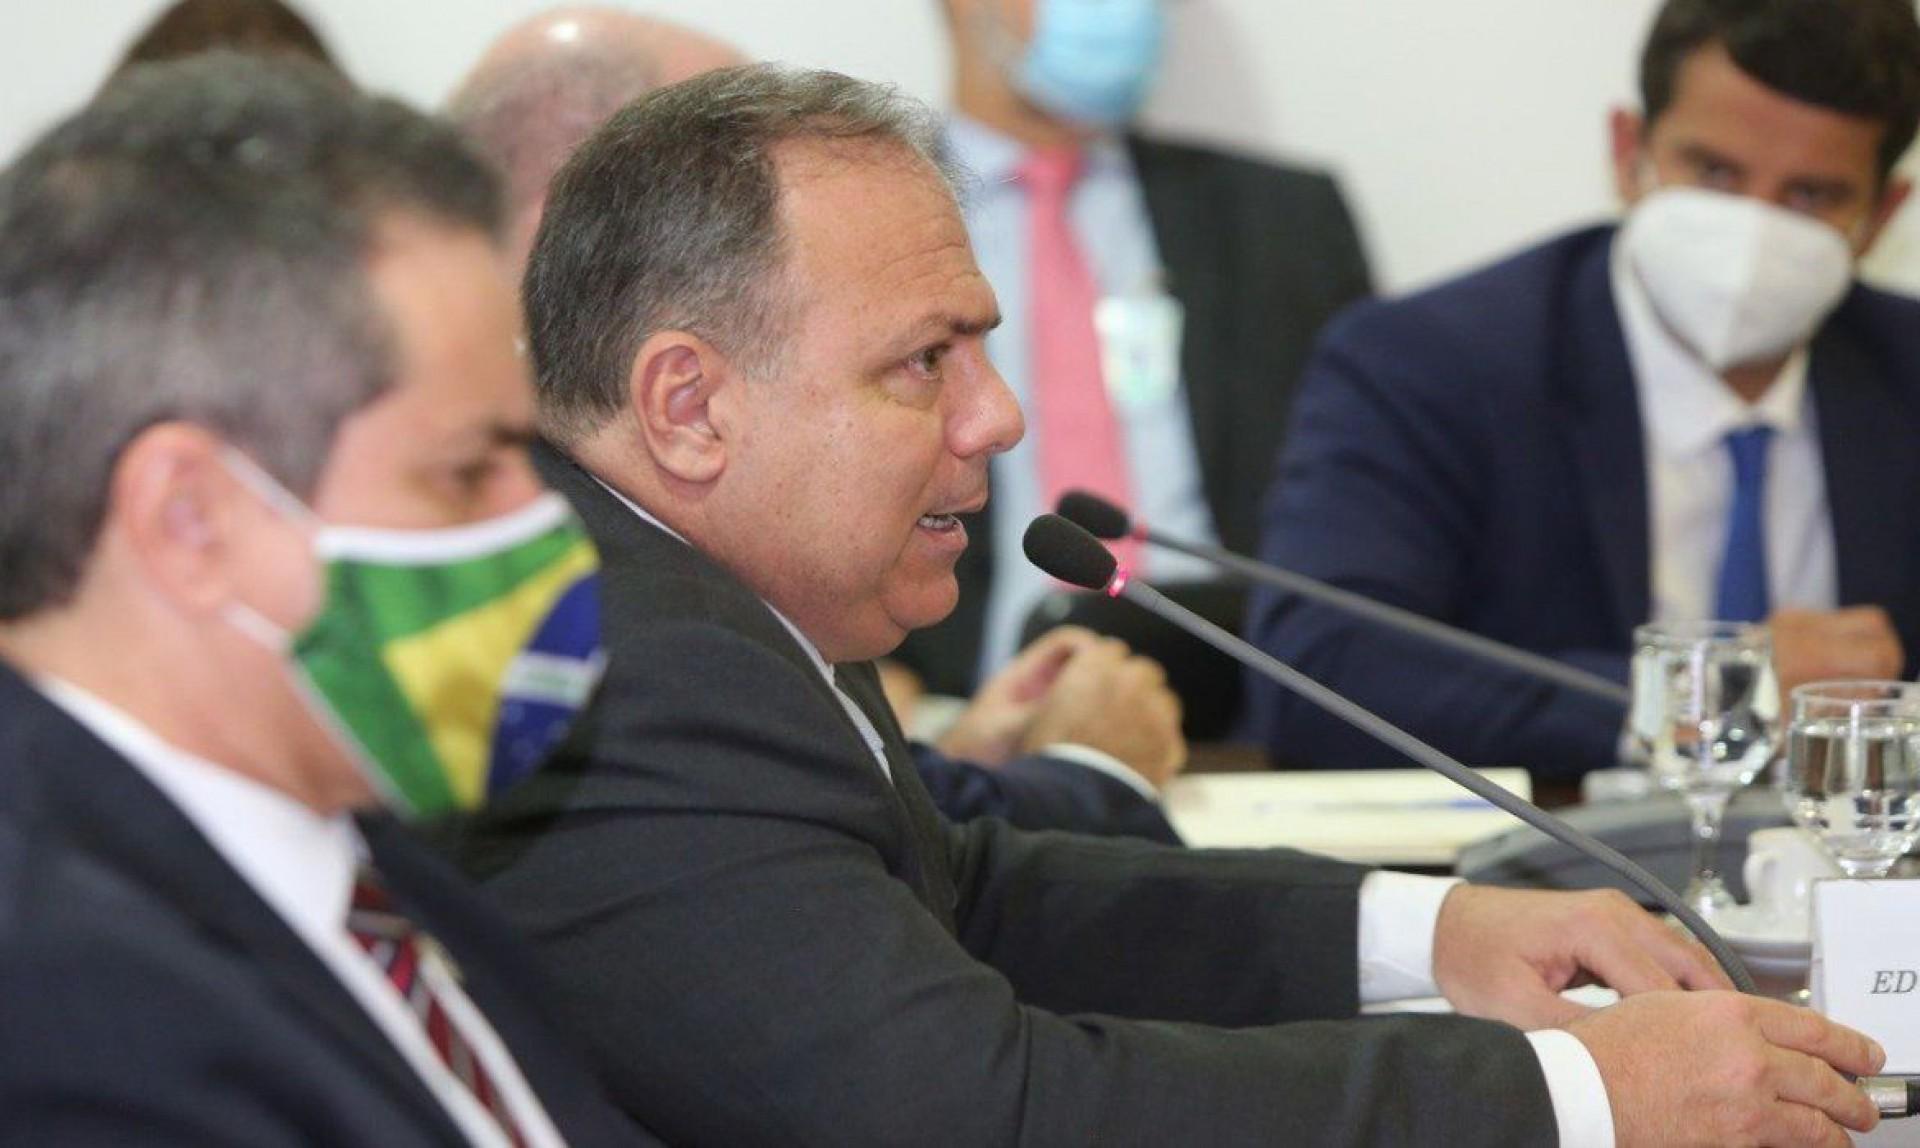 ministro da Saúde, Eduardo Pazuello, se reuniu com governadores de todo o país para fazer um balanço sobre o enfrentamento à Covid-19 no Brasil. (Foto: Ministério da Saúde)